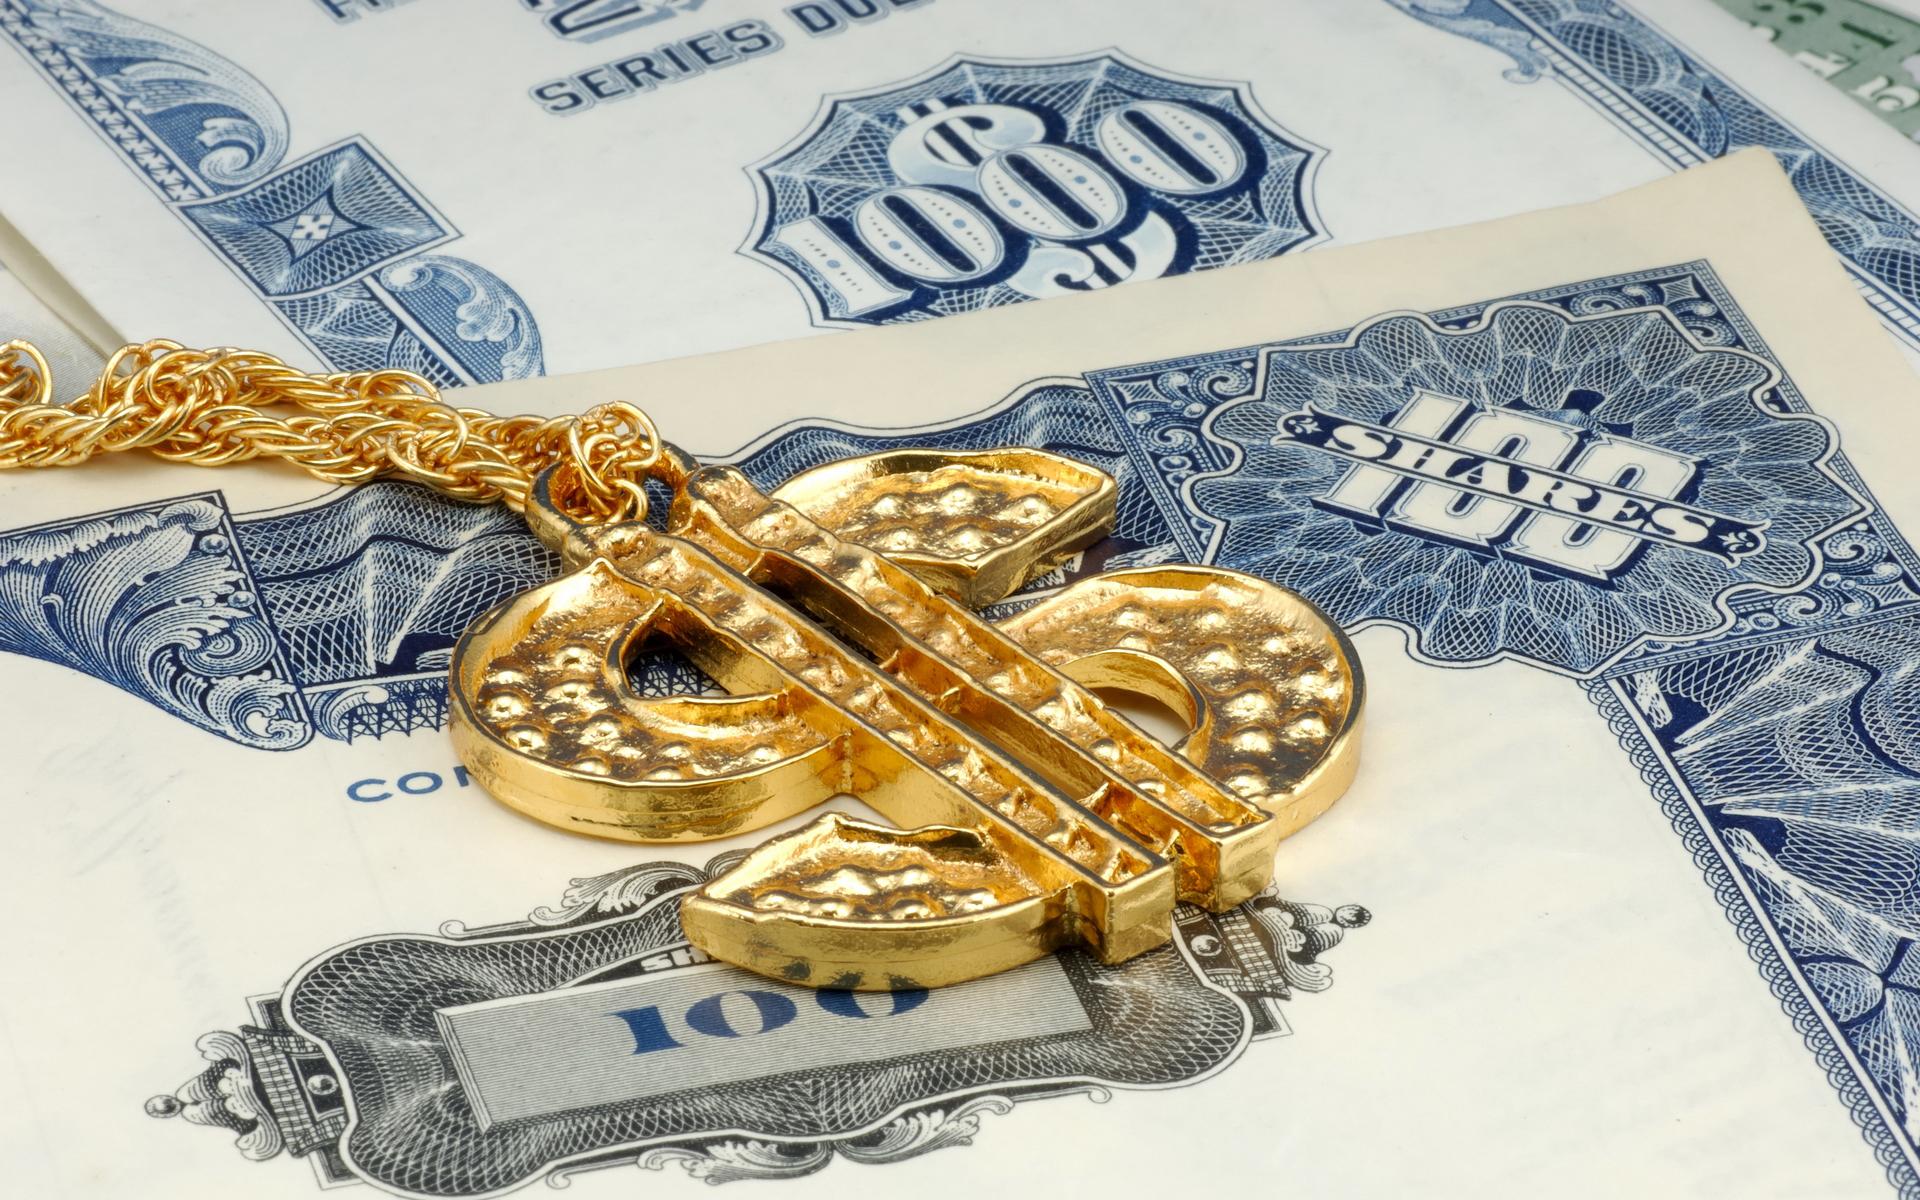 планировки картинка на рабочий стол на удачу и богатство на деньги выделяют решётка